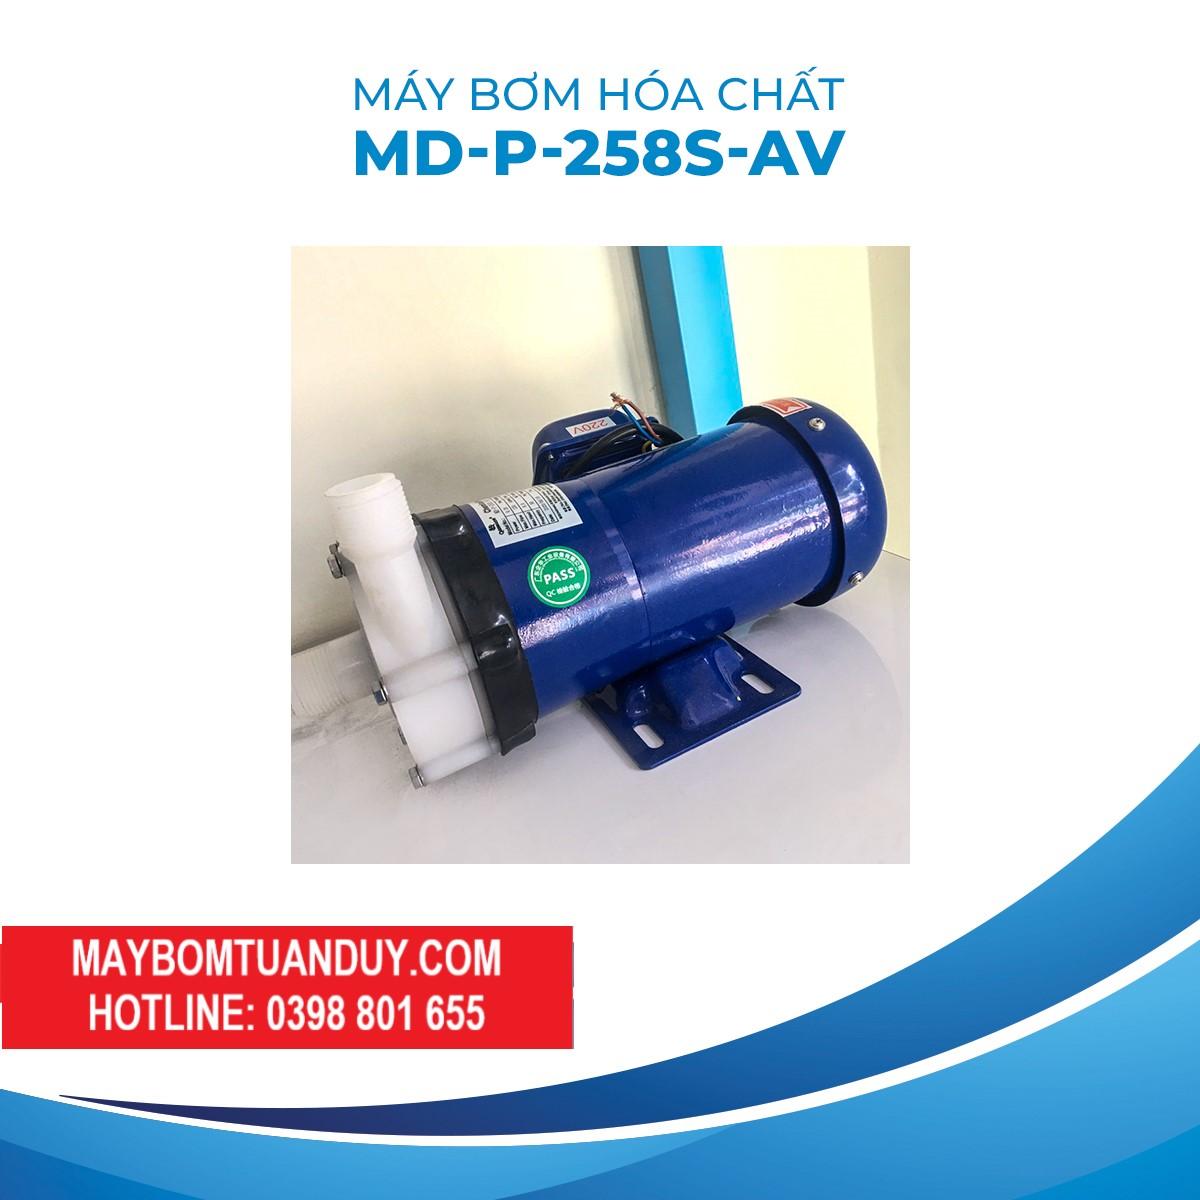 Máy Bơm Hóa ChấtMD-P-258S-AV 220V 260W 135L/P